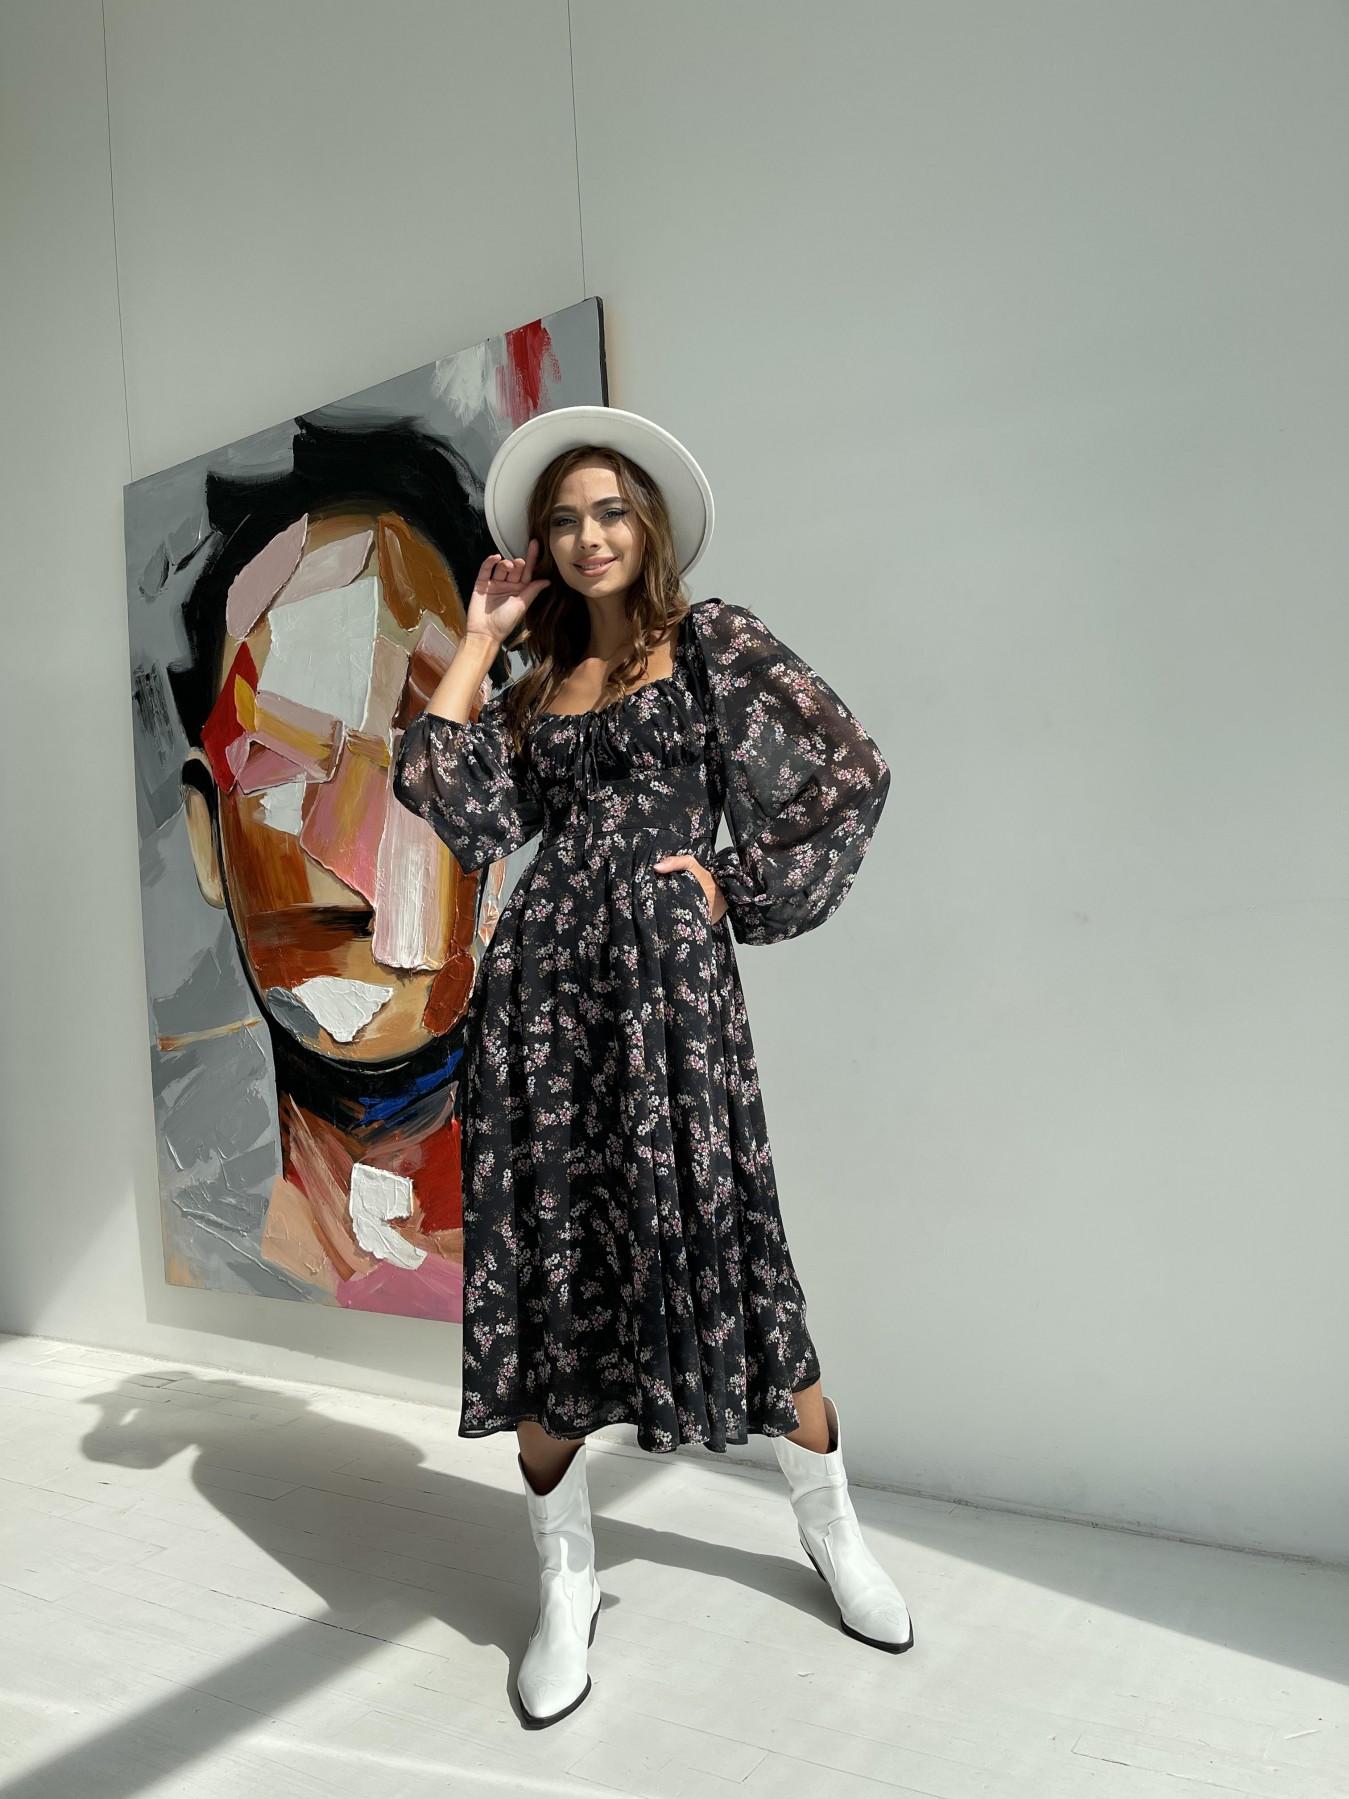 Кисес платье из шифона с цветочным принтом 11774 АРТ. 48549 Цвет: Черный/ЦветыМелБукет - фото 2, интернет магазин tm-modus.ru